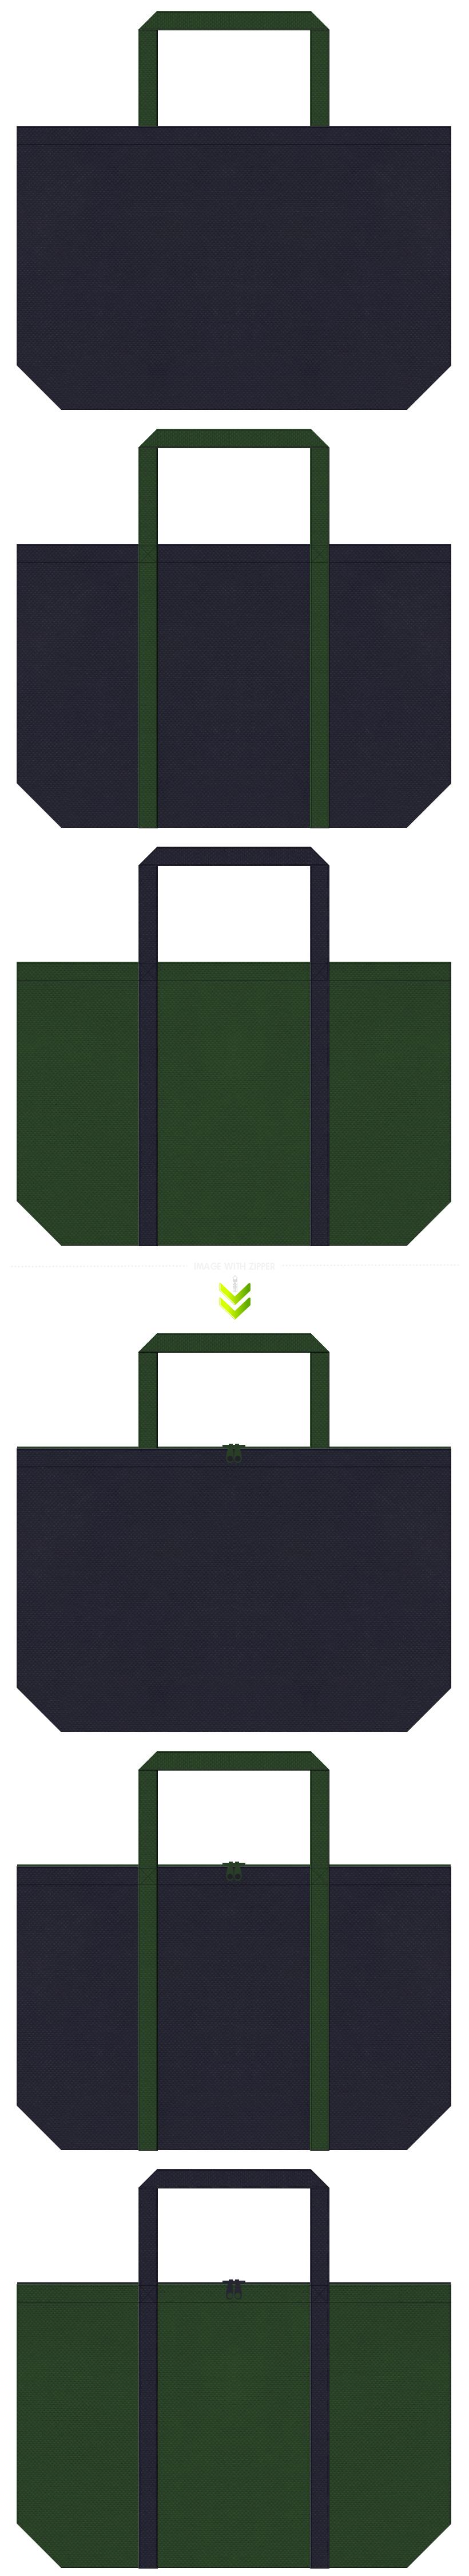 濃紺色と濃緑色の不織布エコバッグのデザイン。